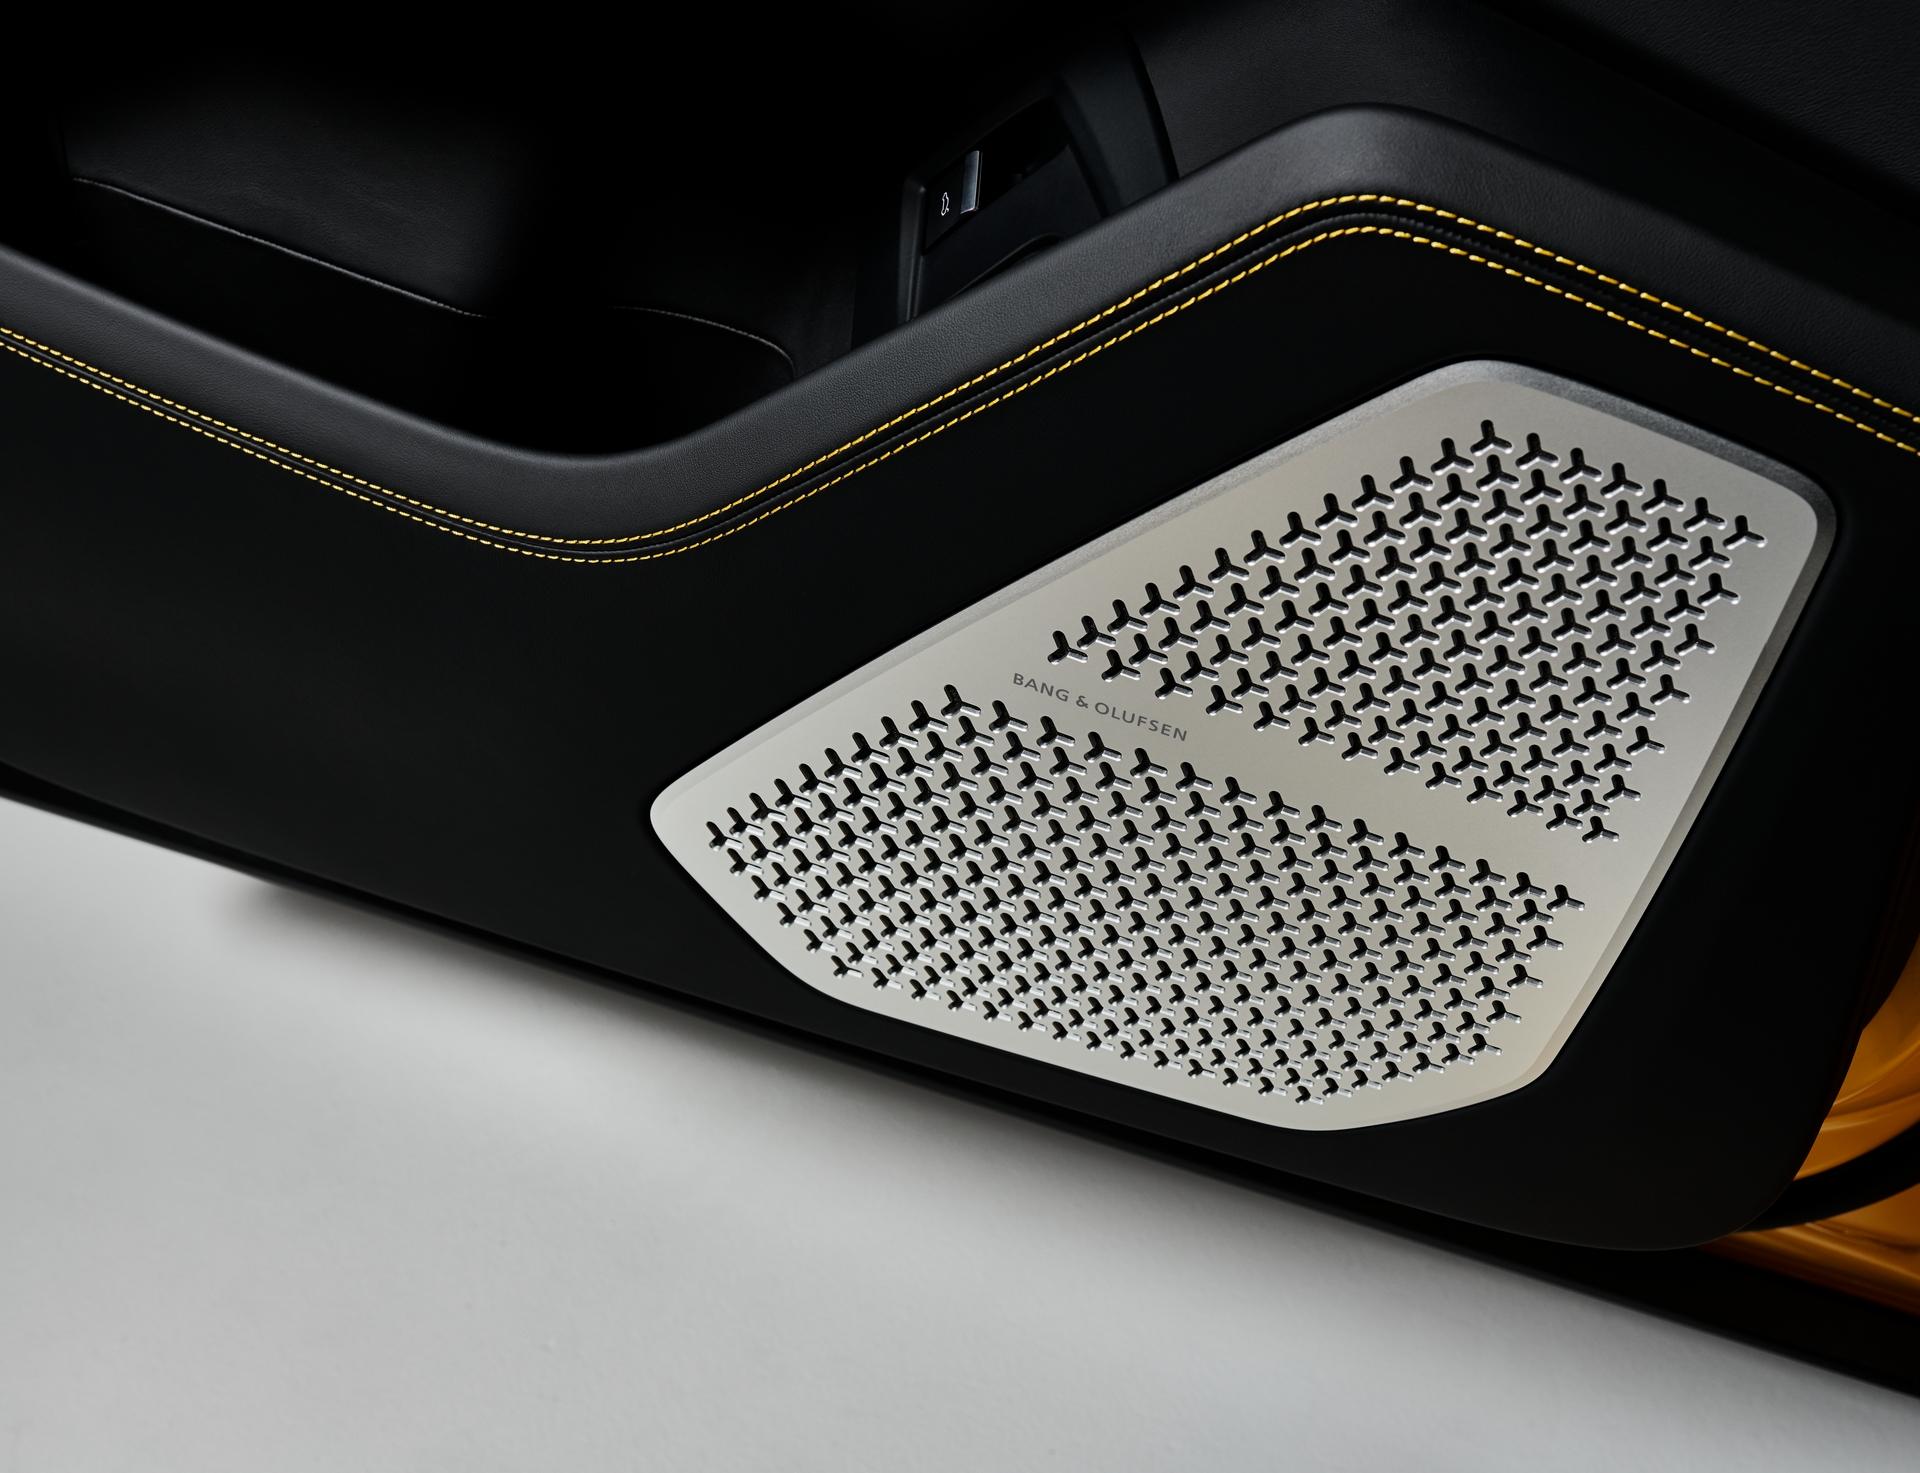 Lamborghini_Urus_Bang_Olufsen_2_201803131825